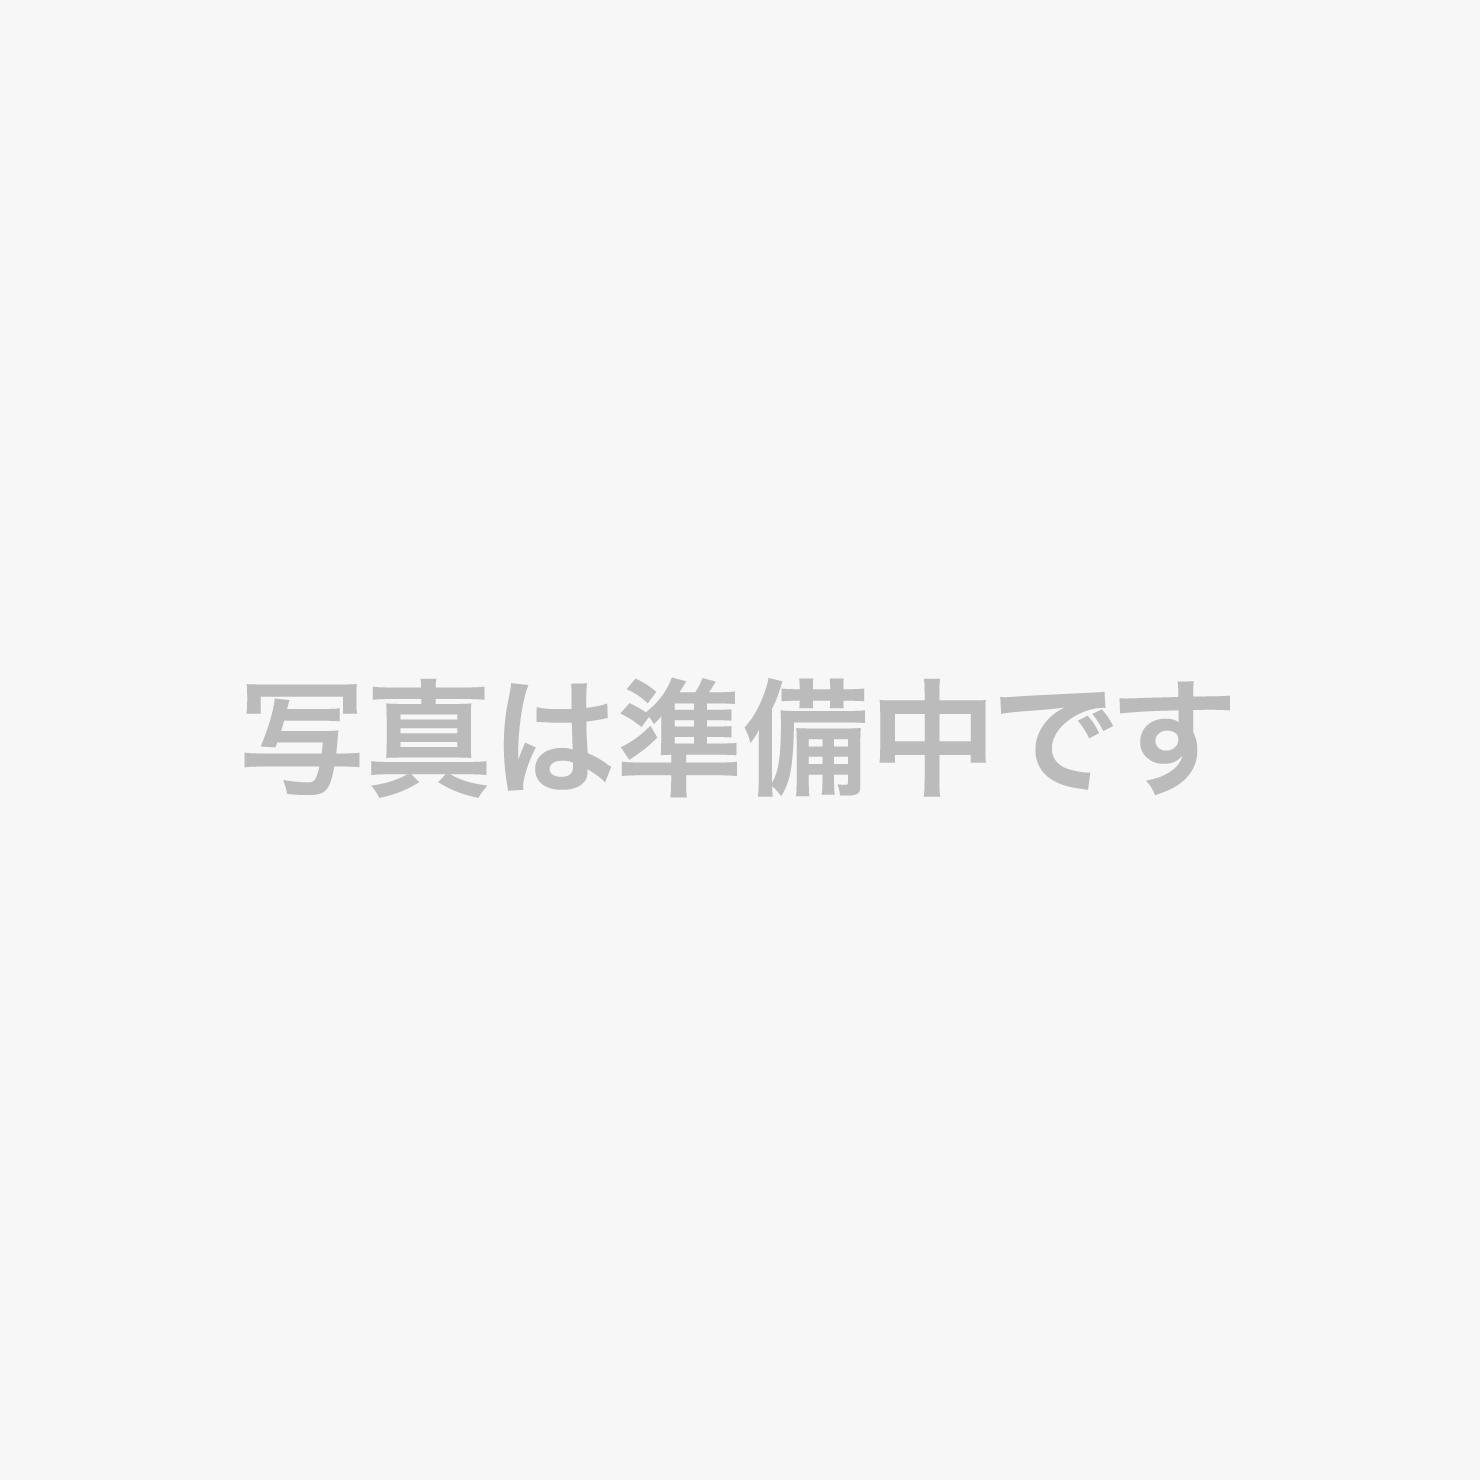 【いちごフェア】3/2~4/26開催予定♪(写真はイメージです)